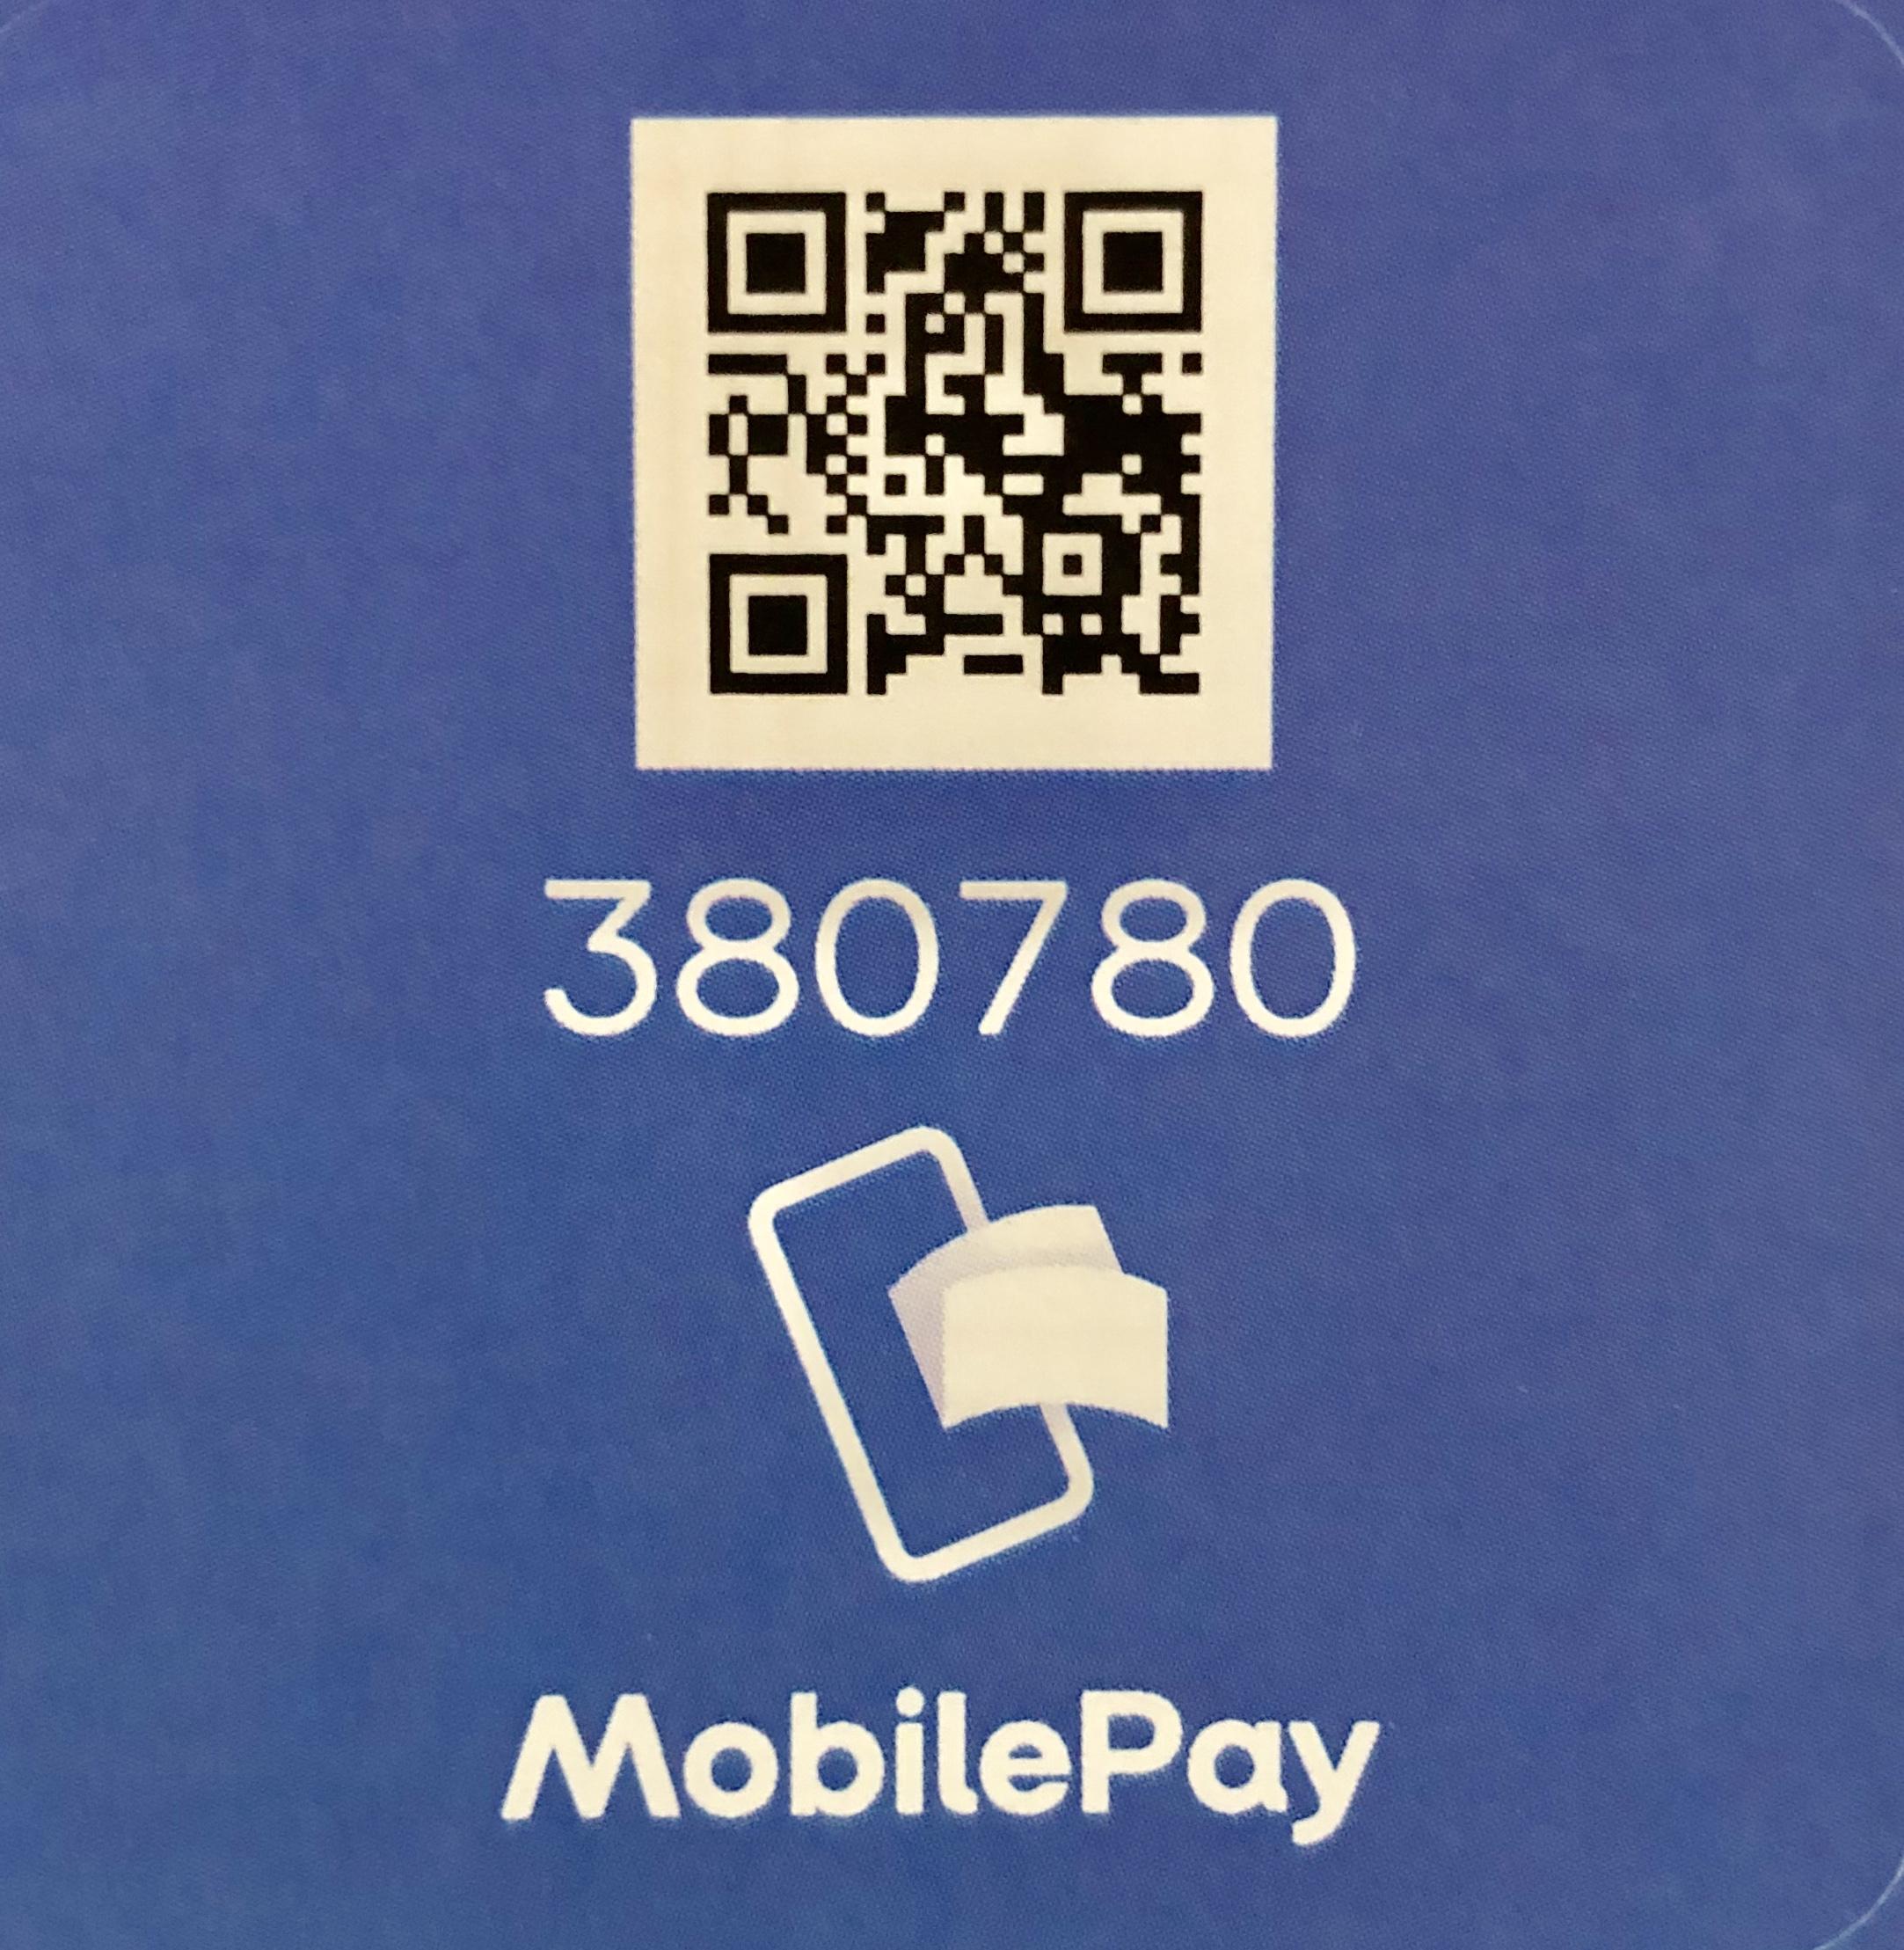 4da8009d2be Aalborg Auktionshus. Du kan betale med Dankort eller overføre via MobilePay  (380780). vi modtager også kontanter.